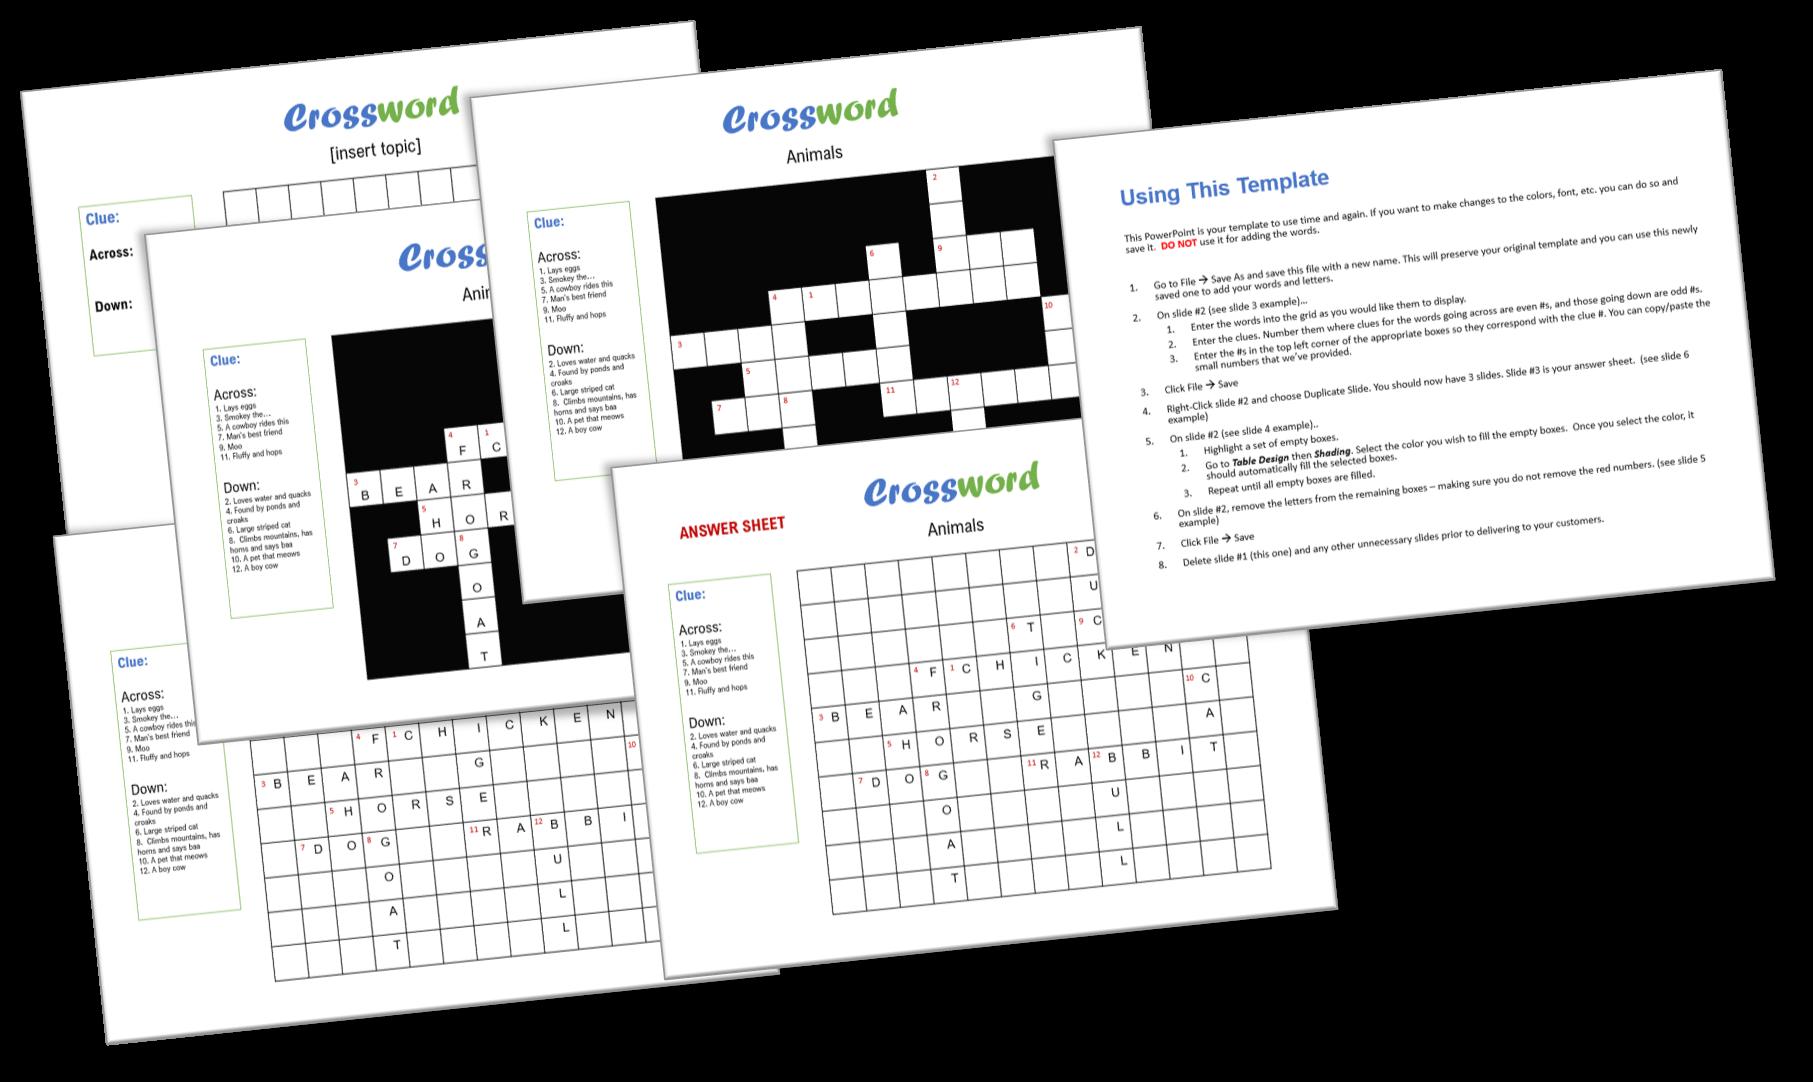 crossword template